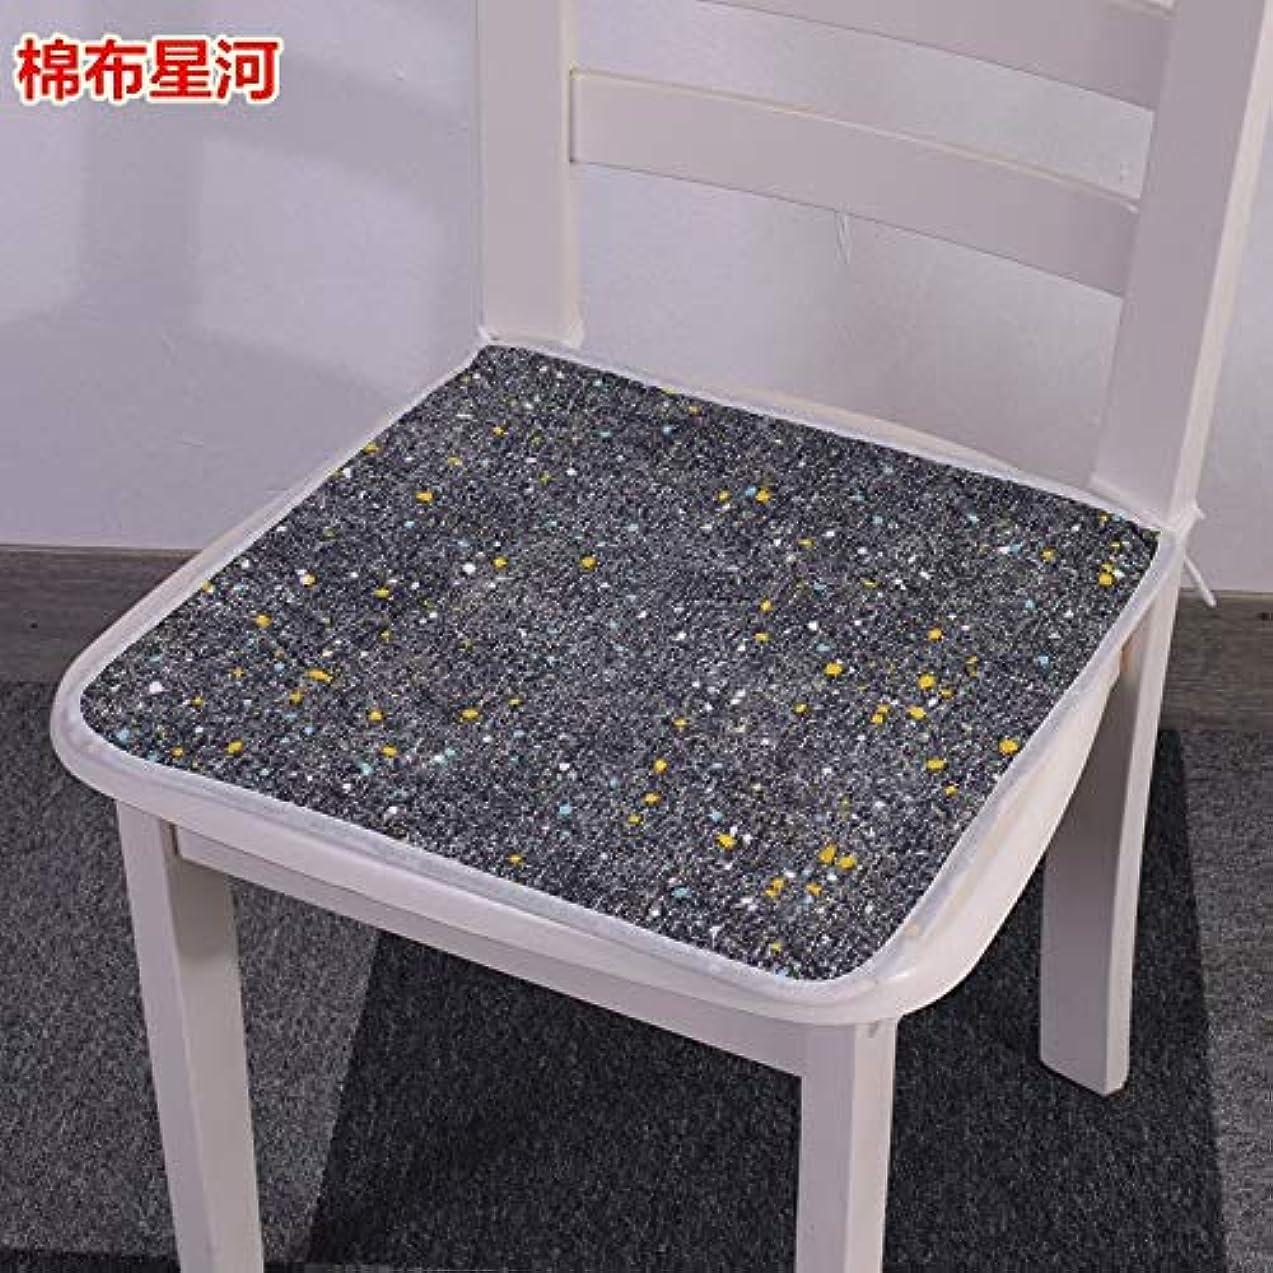 安全性負荷ポインタLIFE 現代スーパーソフト椅子クッション非スリップシートクッションマットソファホームデコレーションバッククッションチェアパッド 40*40/45*45/50*50 センチメートル クッション 椅子